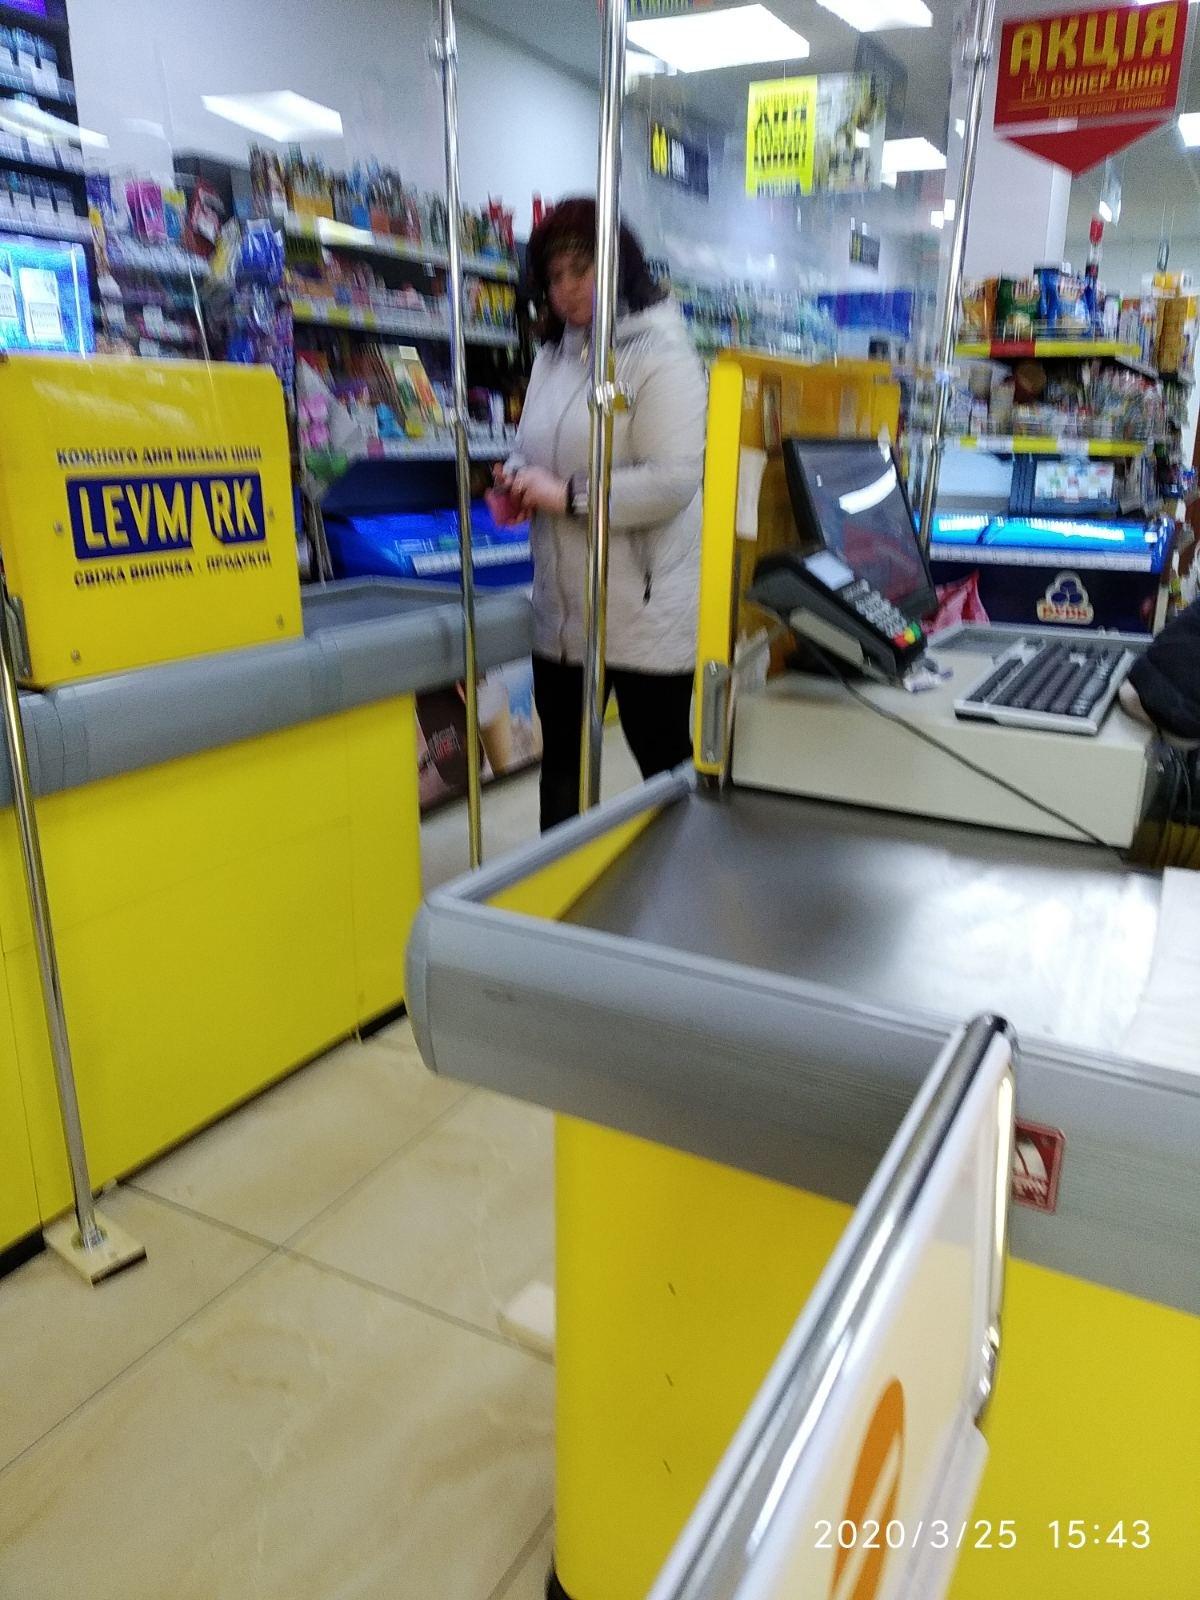 Четверта смерть від COVID-19: у Тернополі помер 64-річний чоловік, фото-3, Фото - 03247.com.ua